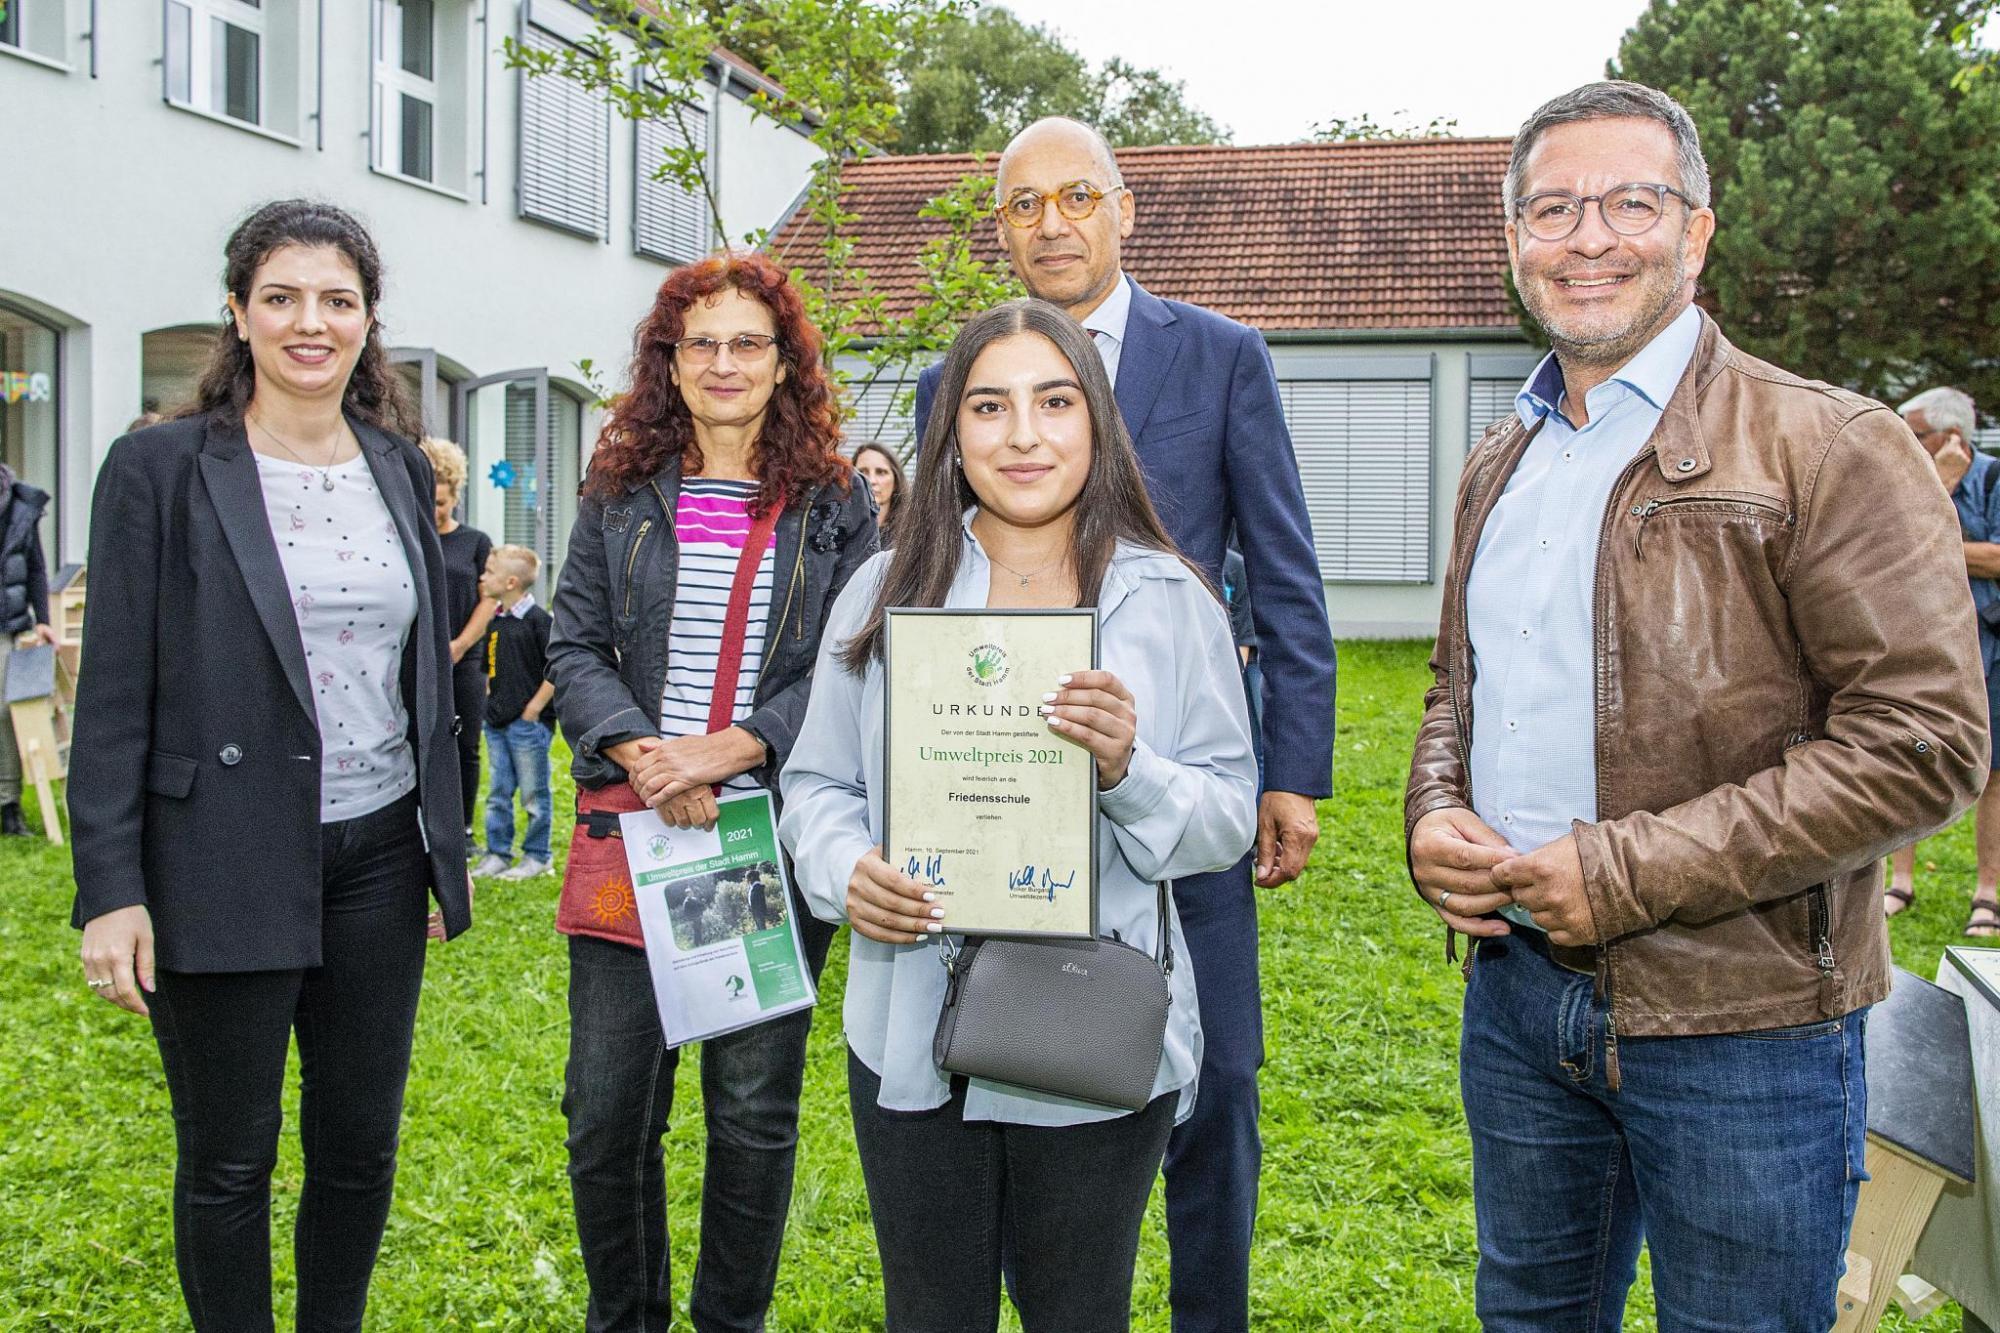 Die Friedensschule zählt zu den Siegerschulen des Umweltpreises 2021